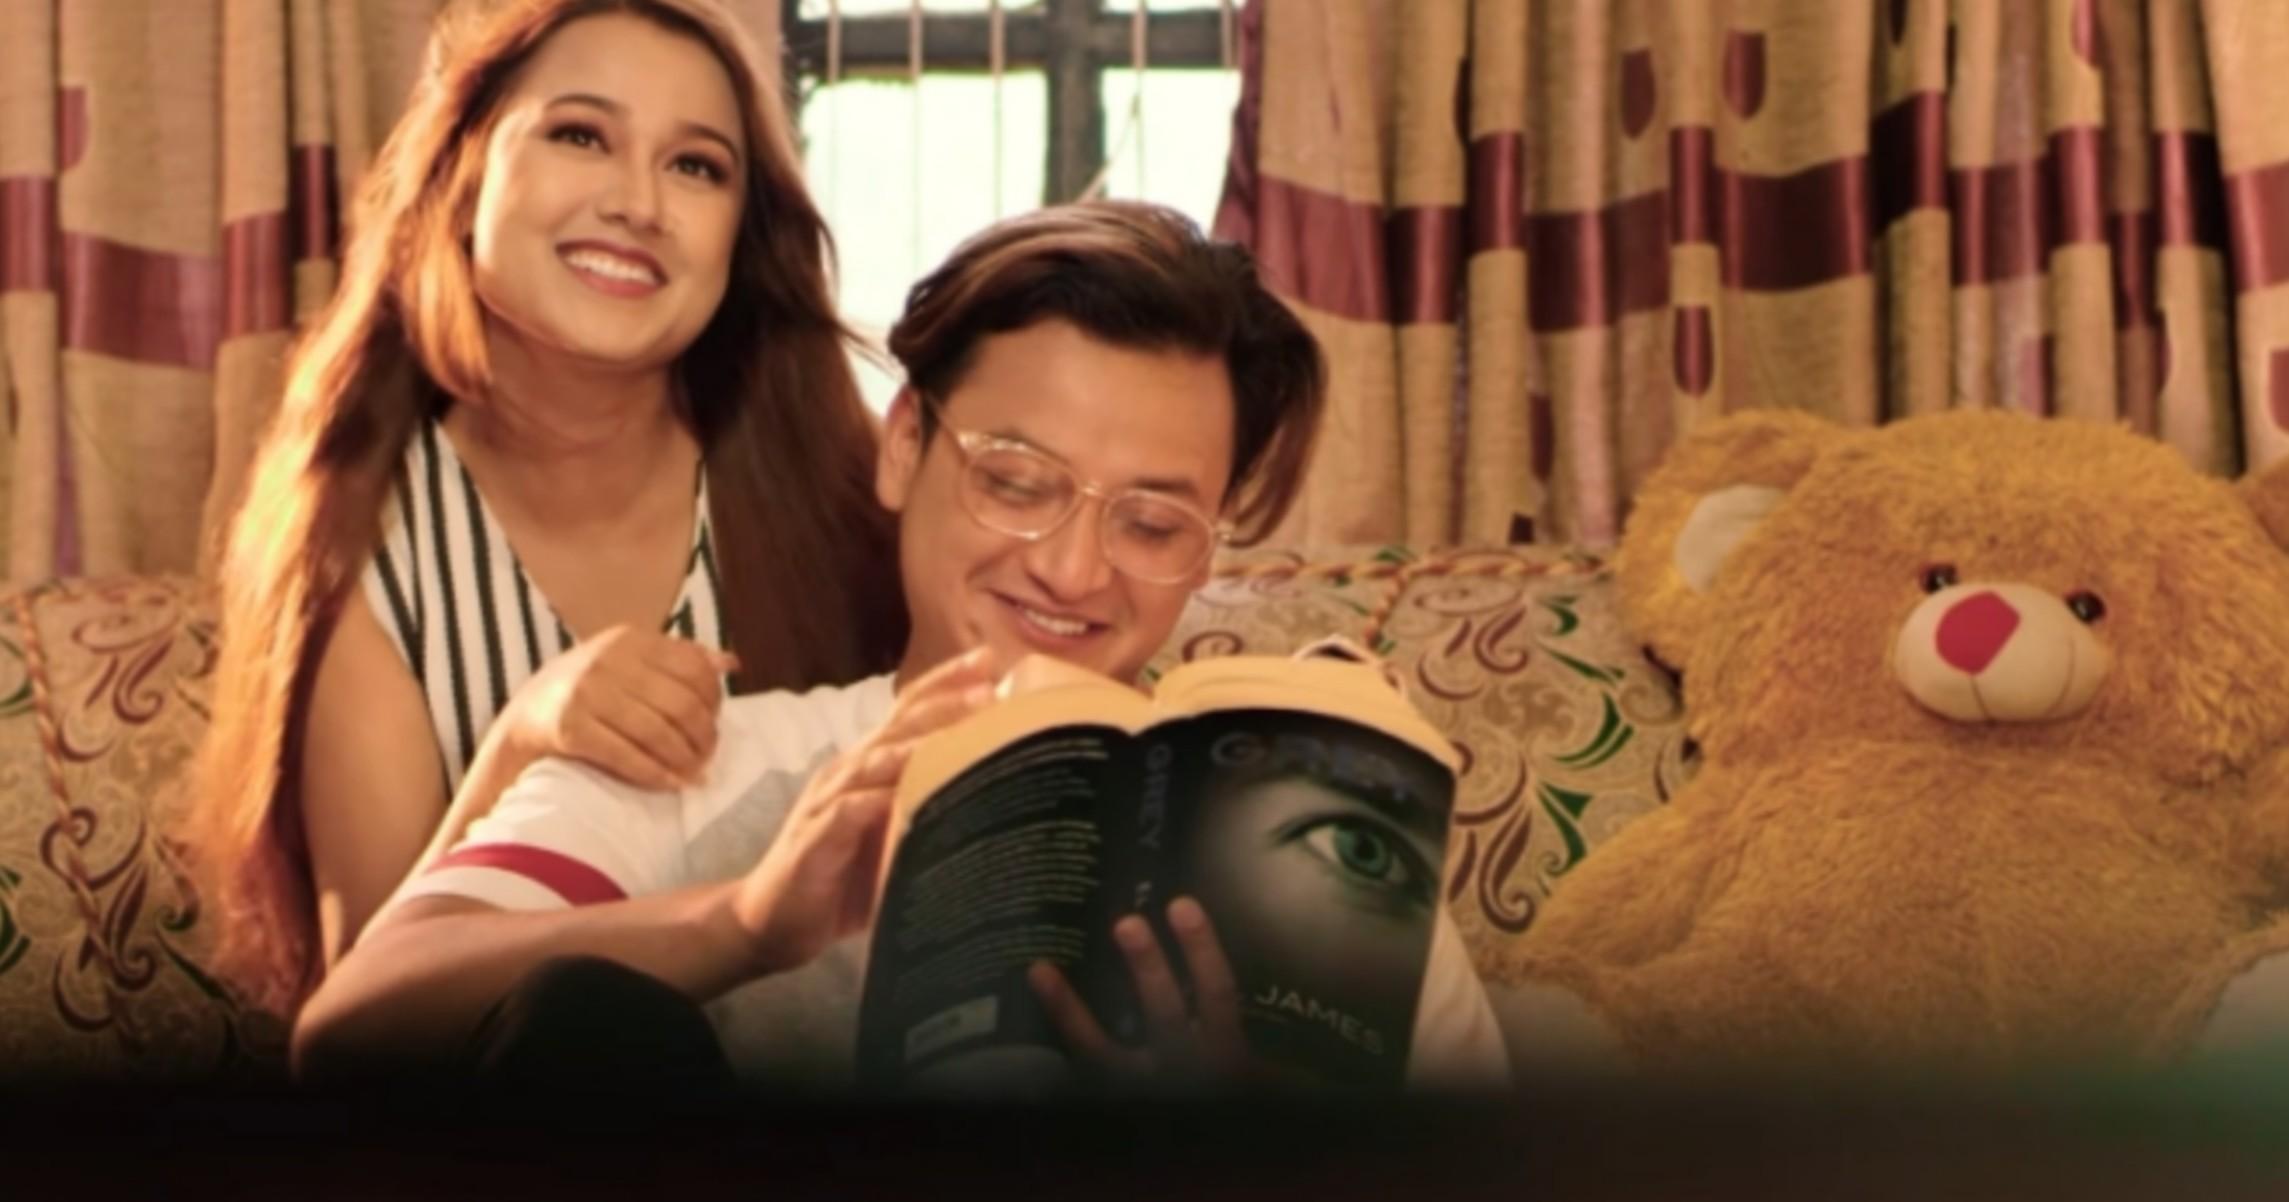 कुन्दनको 'बाबरी'मा रियाशा र सलोन (भिडियो)